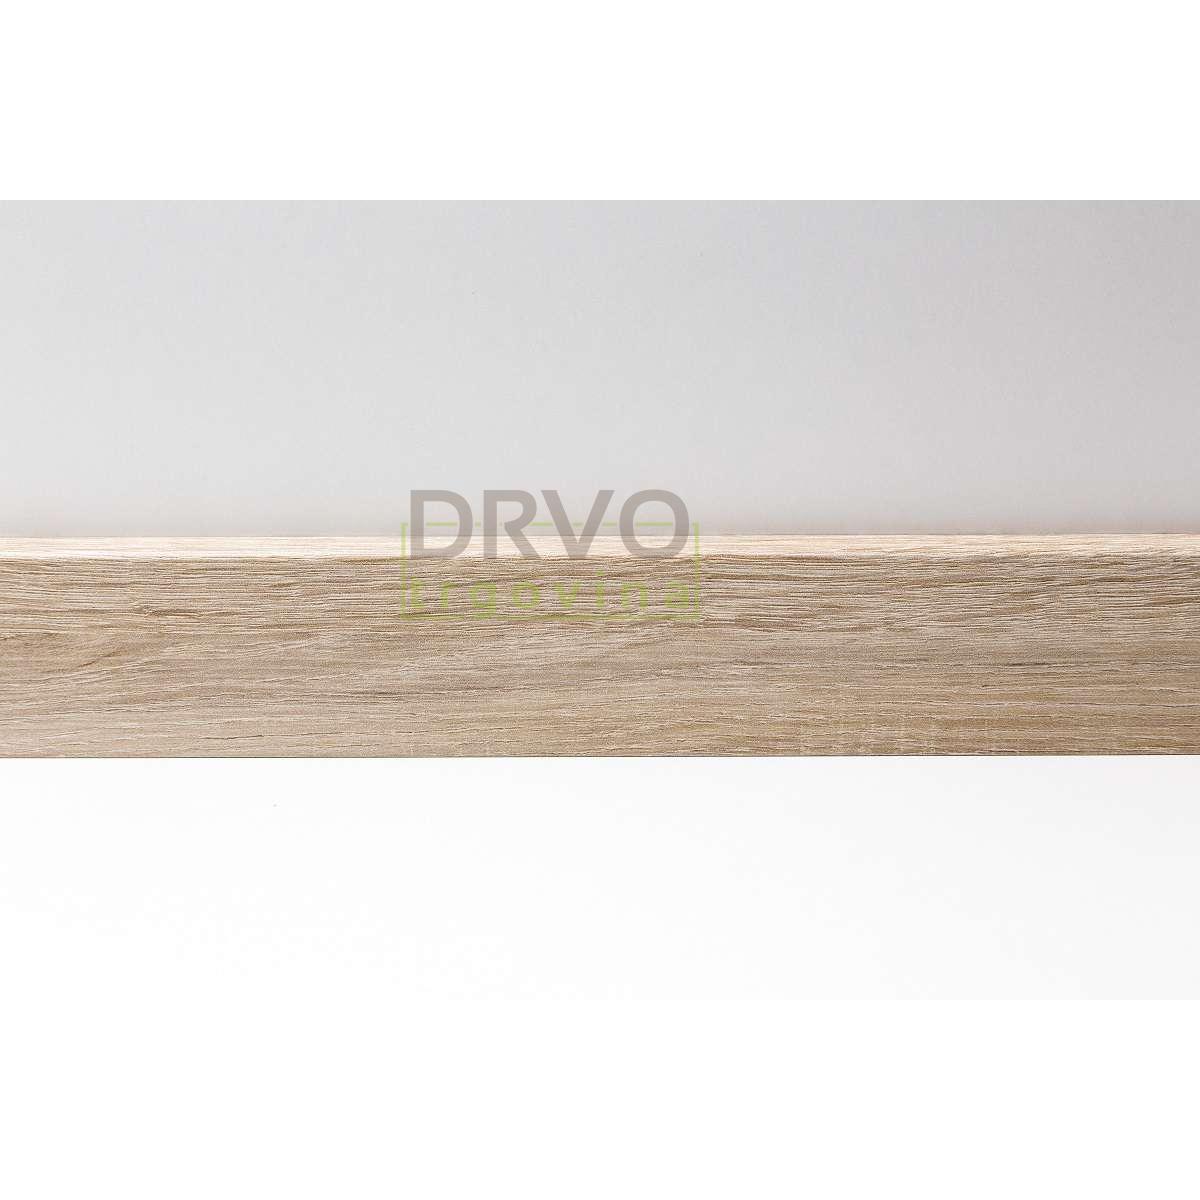 LETVICA ZA LAMINAT 60mm P71 B458/K063/K269/5936/4547/594/COBIN/4547 HRAST SONOMA 2,6m